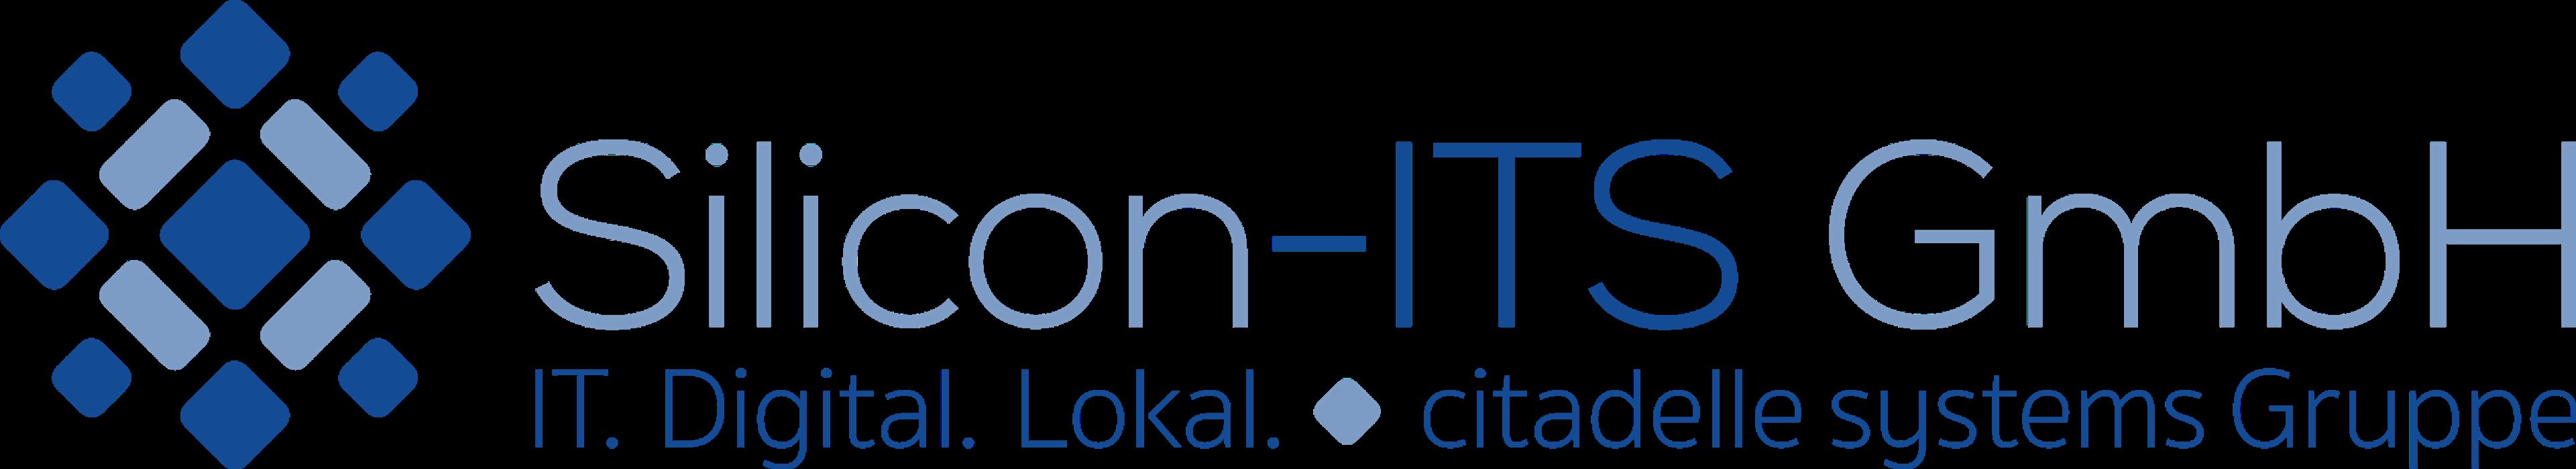 SILICON-ITS GmbH in Bochum